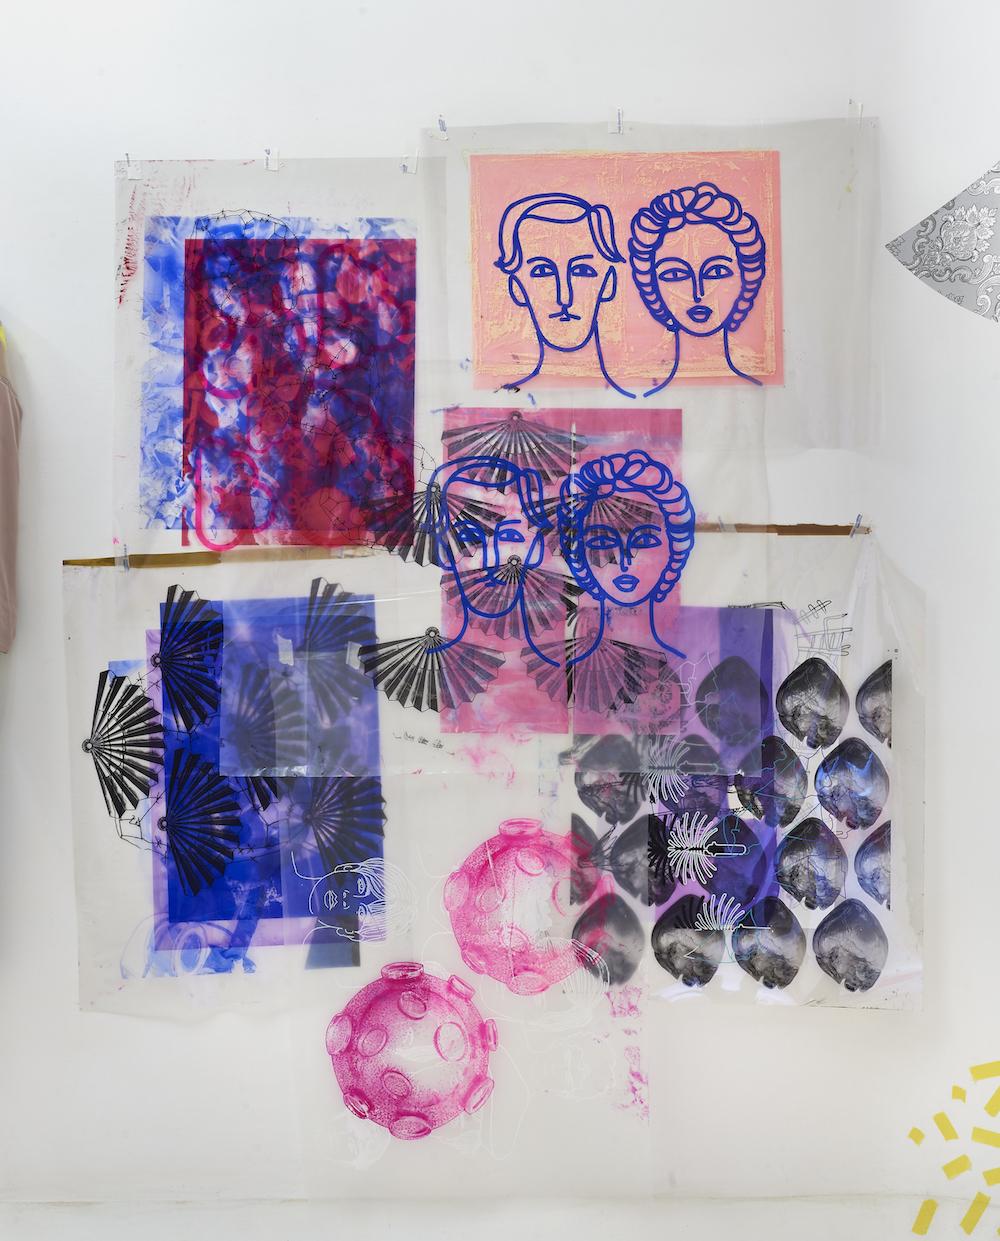 Ludovica Gioscia, Sofia e Goffredo, 2018. Plastic, screen printing ink, drawing pins, parcel tape. 194 x 153 cm.